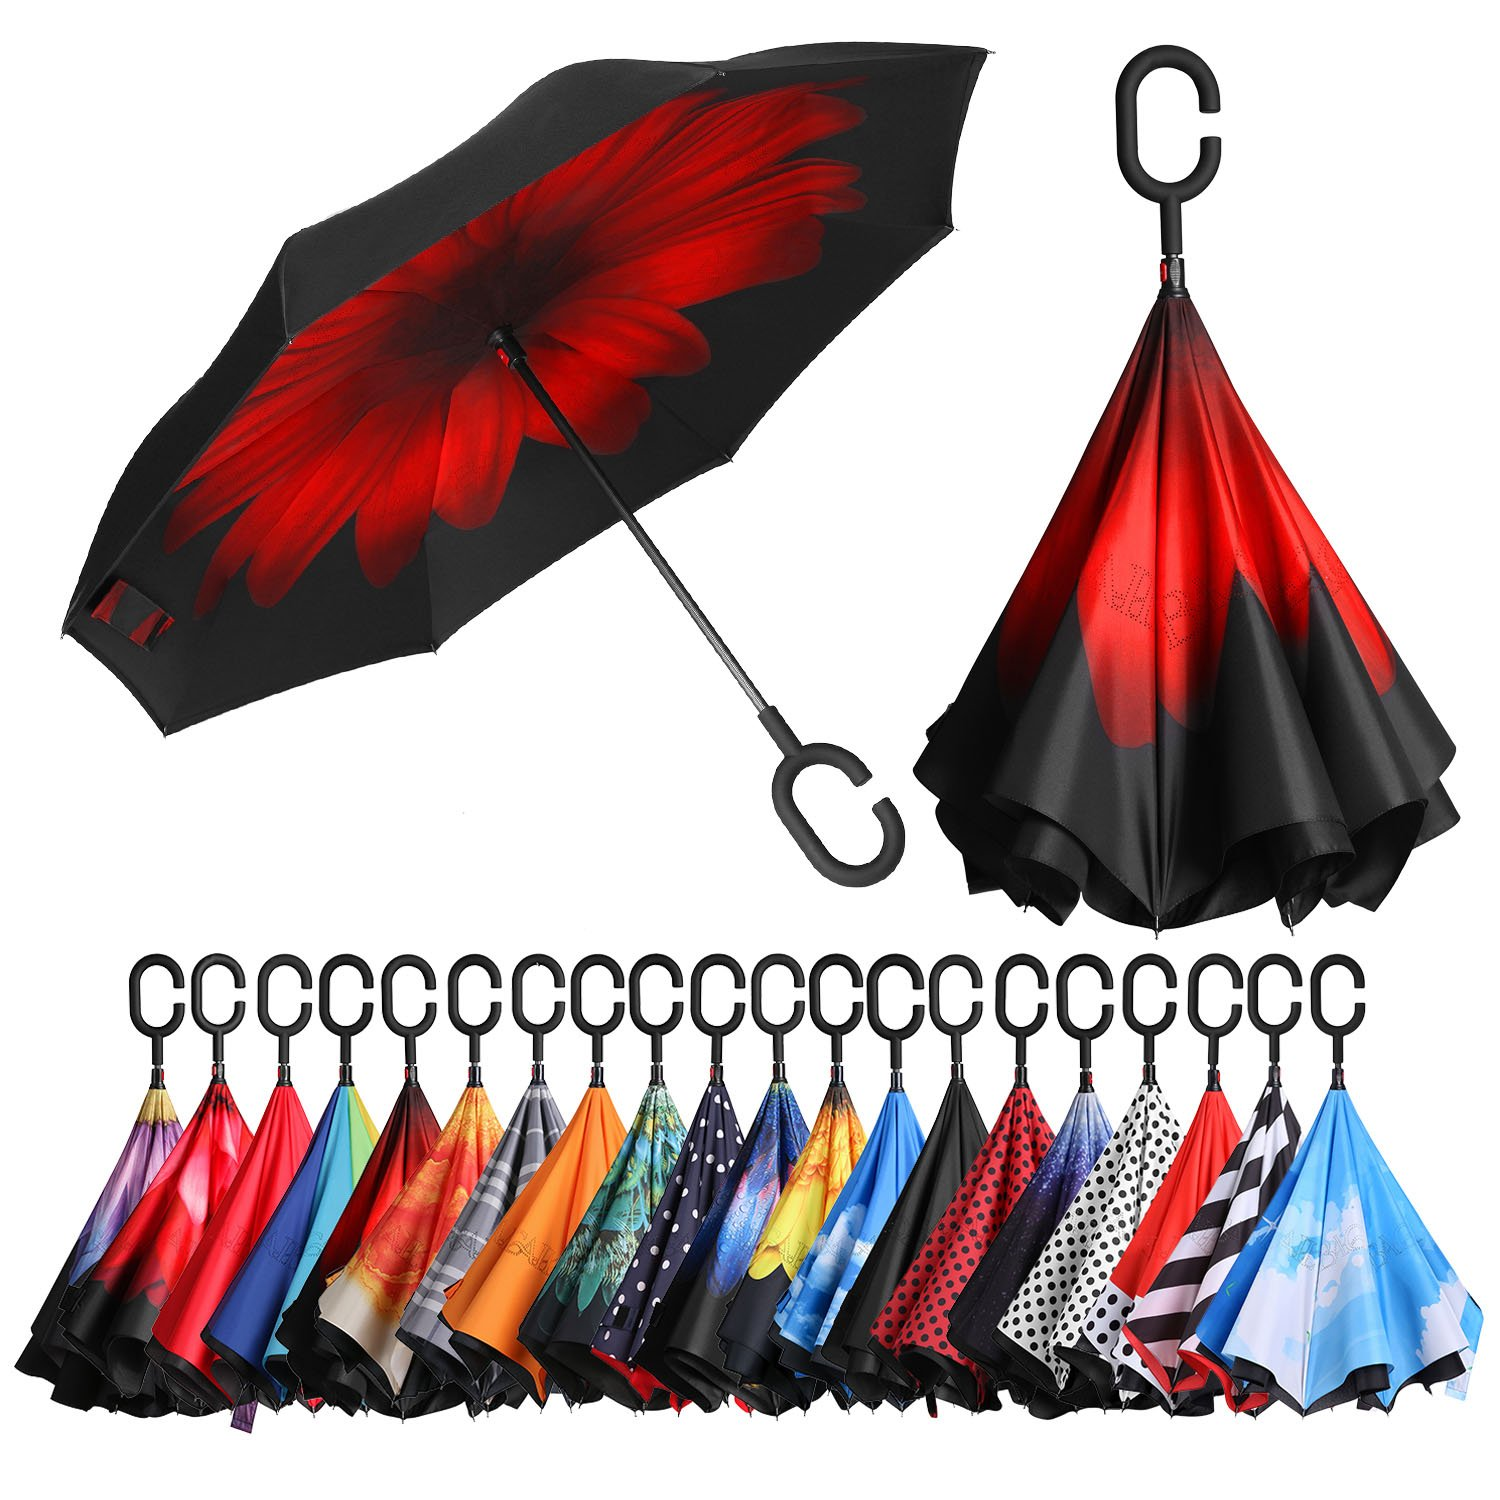 Bagail 複層 逆に開く傘 逆折り式傘 防風 紫外線防御 ビッグ 長傘 C型手元 車用 雨の日用 アウトドア用 赤い花 B01N2LV0B2 赤い花 赤い花